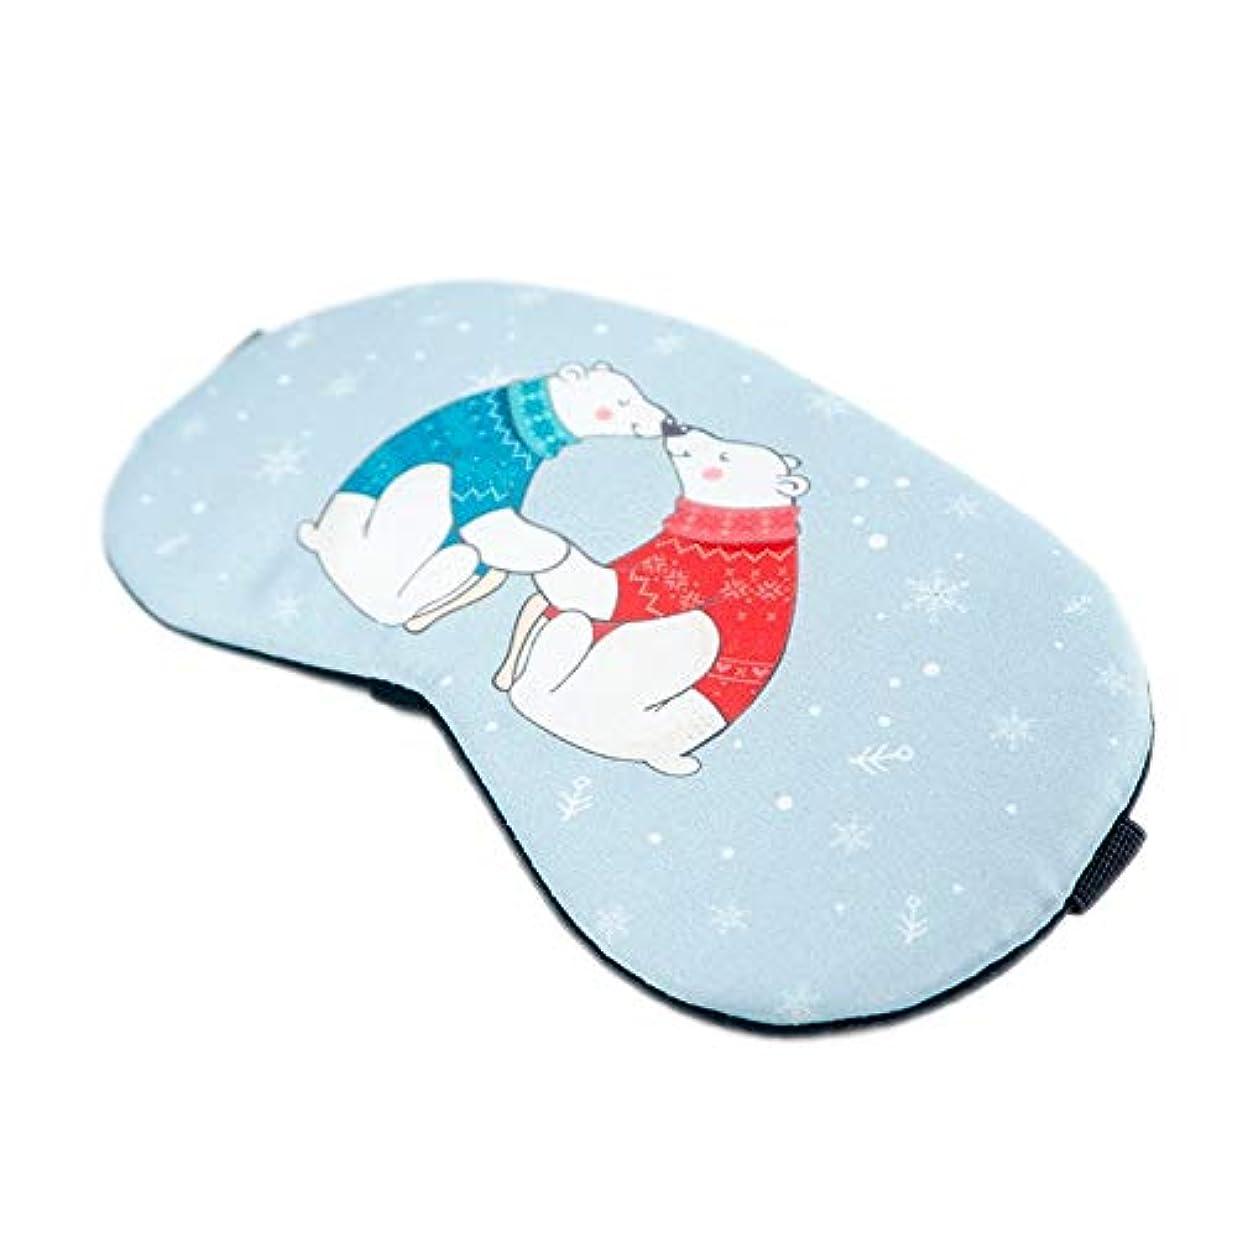 欺本会議ケーブルNOTE 1ピースマッサージリラックスアイ睡眠補助目隠しカバーアイシェードアイパッチかわいいフラミンゴ睡眠マスク睡眠アイマスクマッサージ